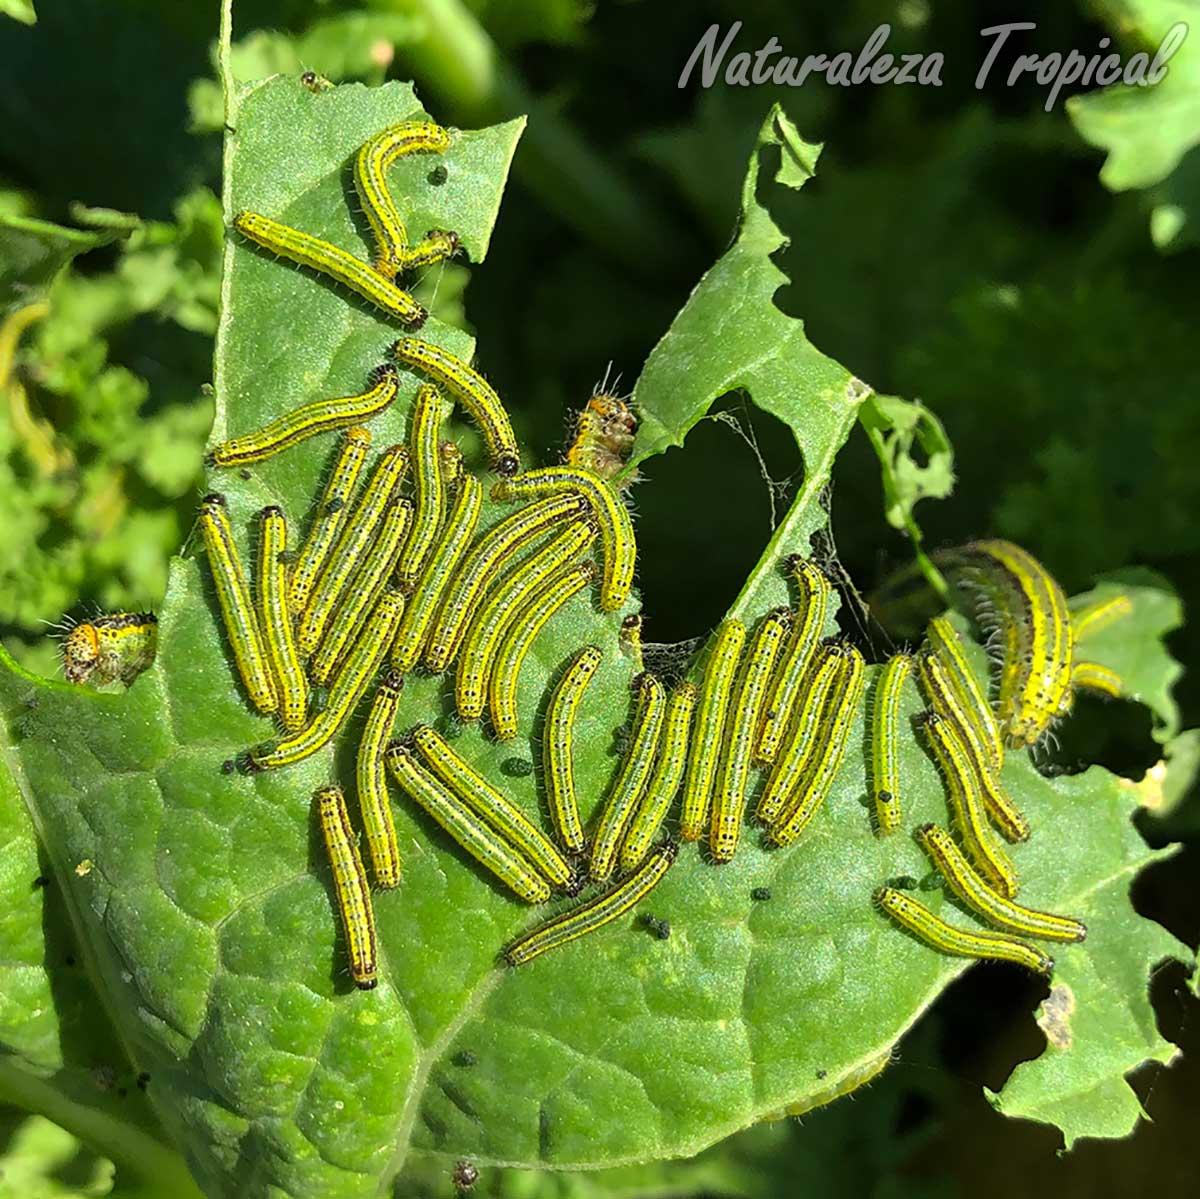 Orugas de mariposa devorando hoja de una planta del huerto